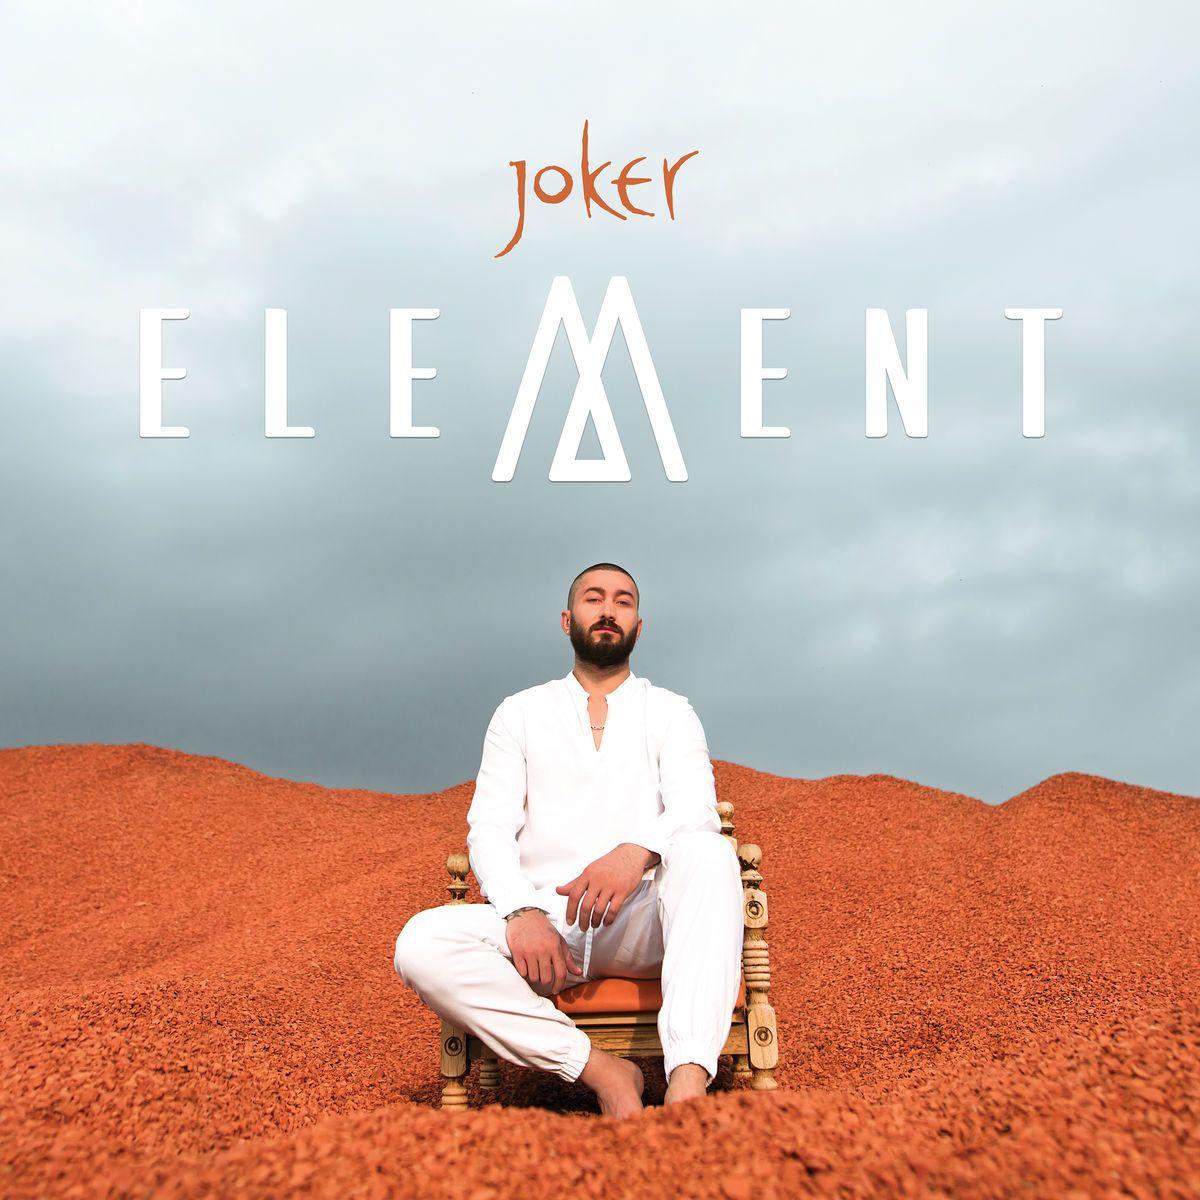 2019'un ilk Türkçe rap klibi Joker'den geldi